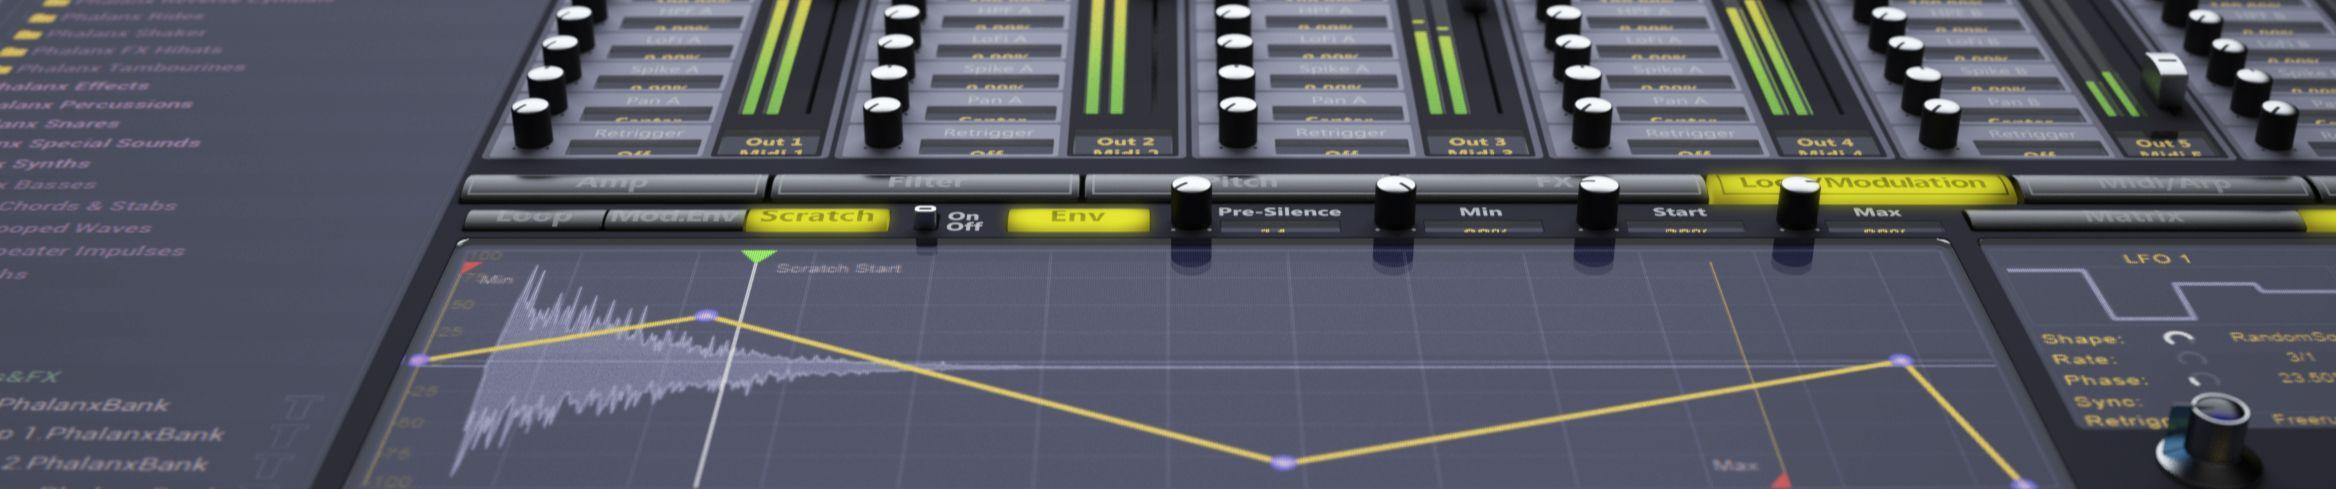 www vengeance-sound com - Soundset - Korg Legacy Demo (Korg